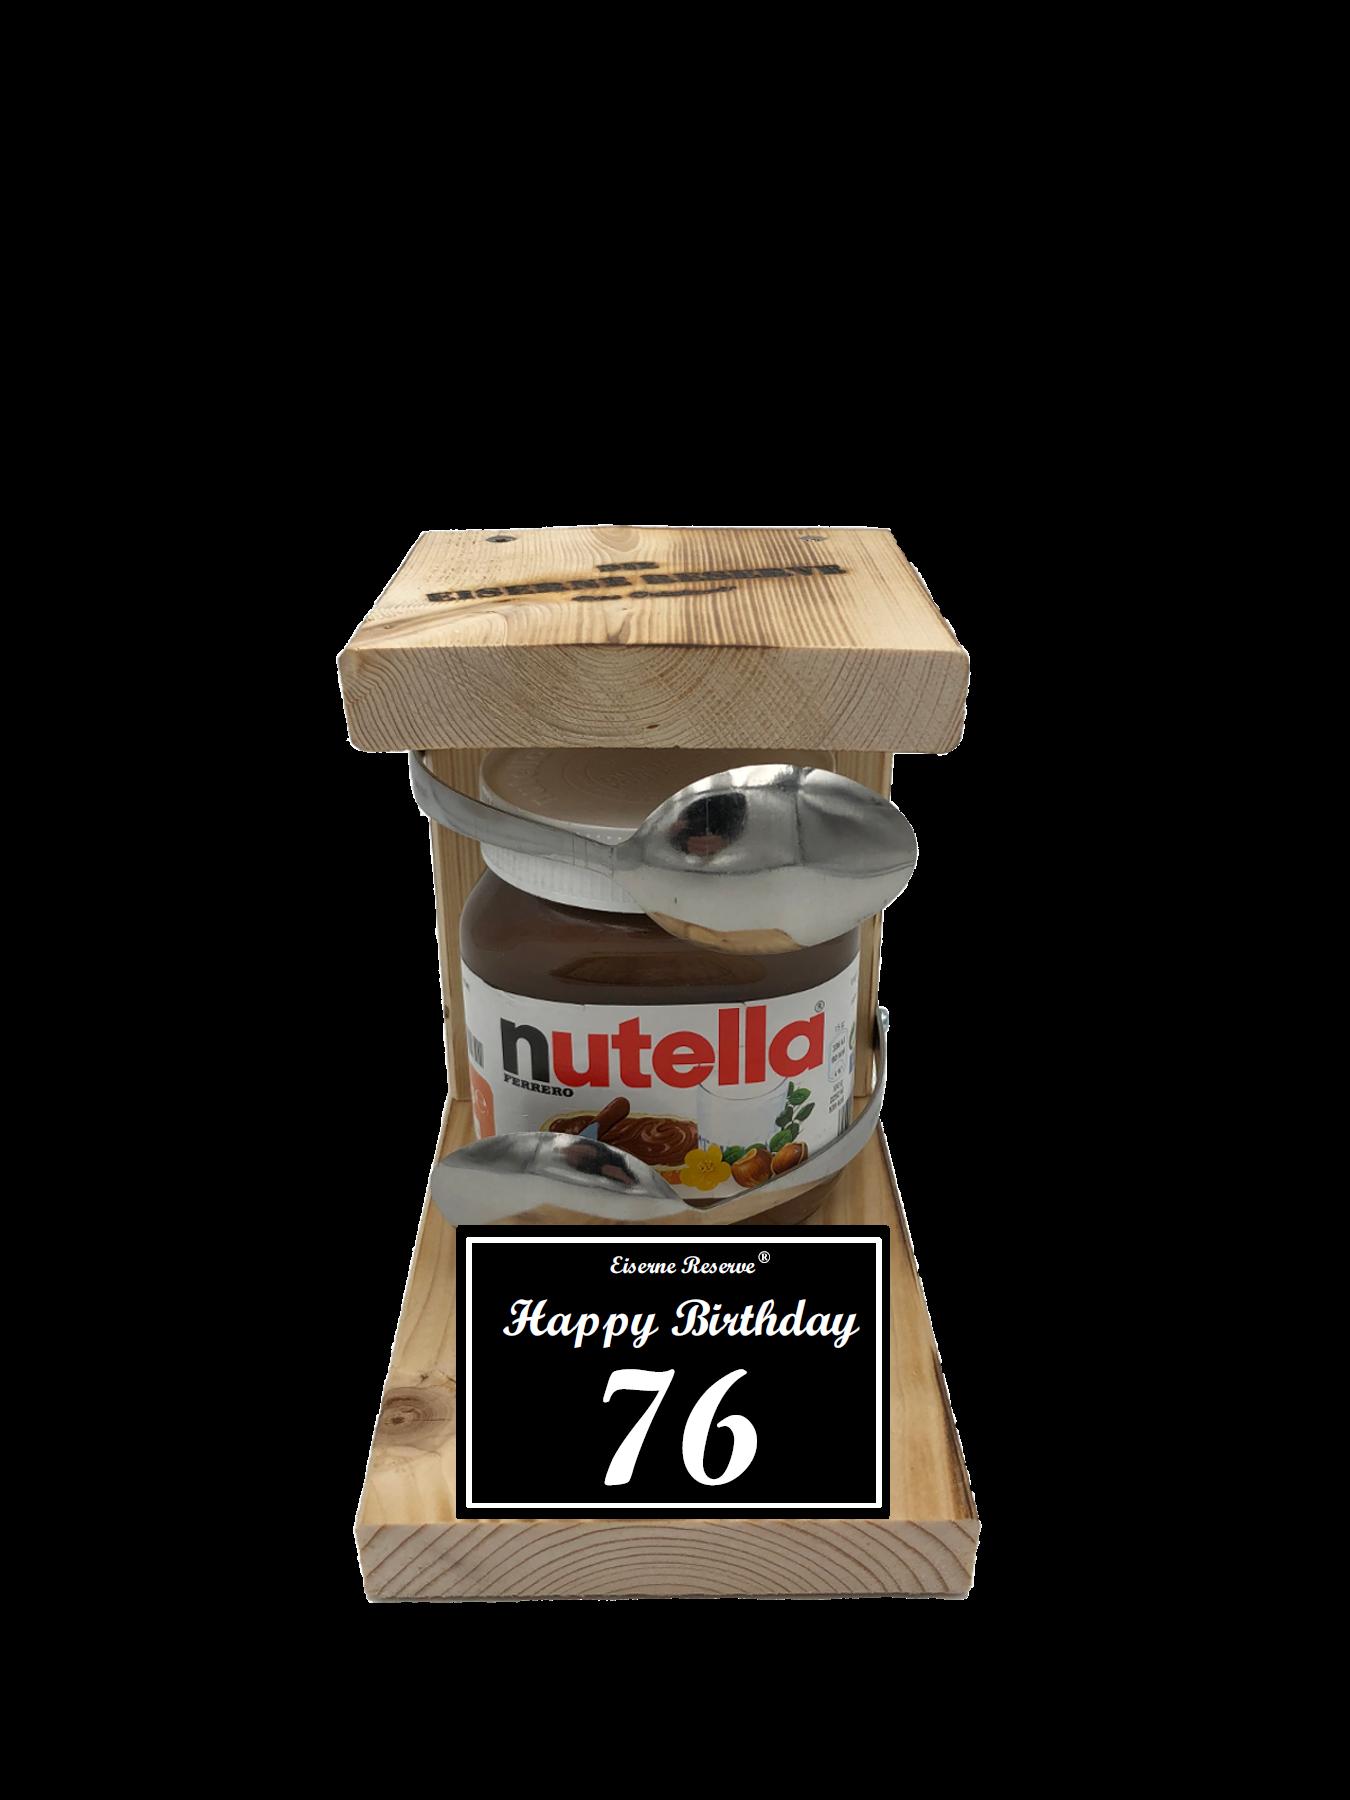 76 Happy Birthday Löffel Nutella Geschenk - Die Nutella Geschenkidee